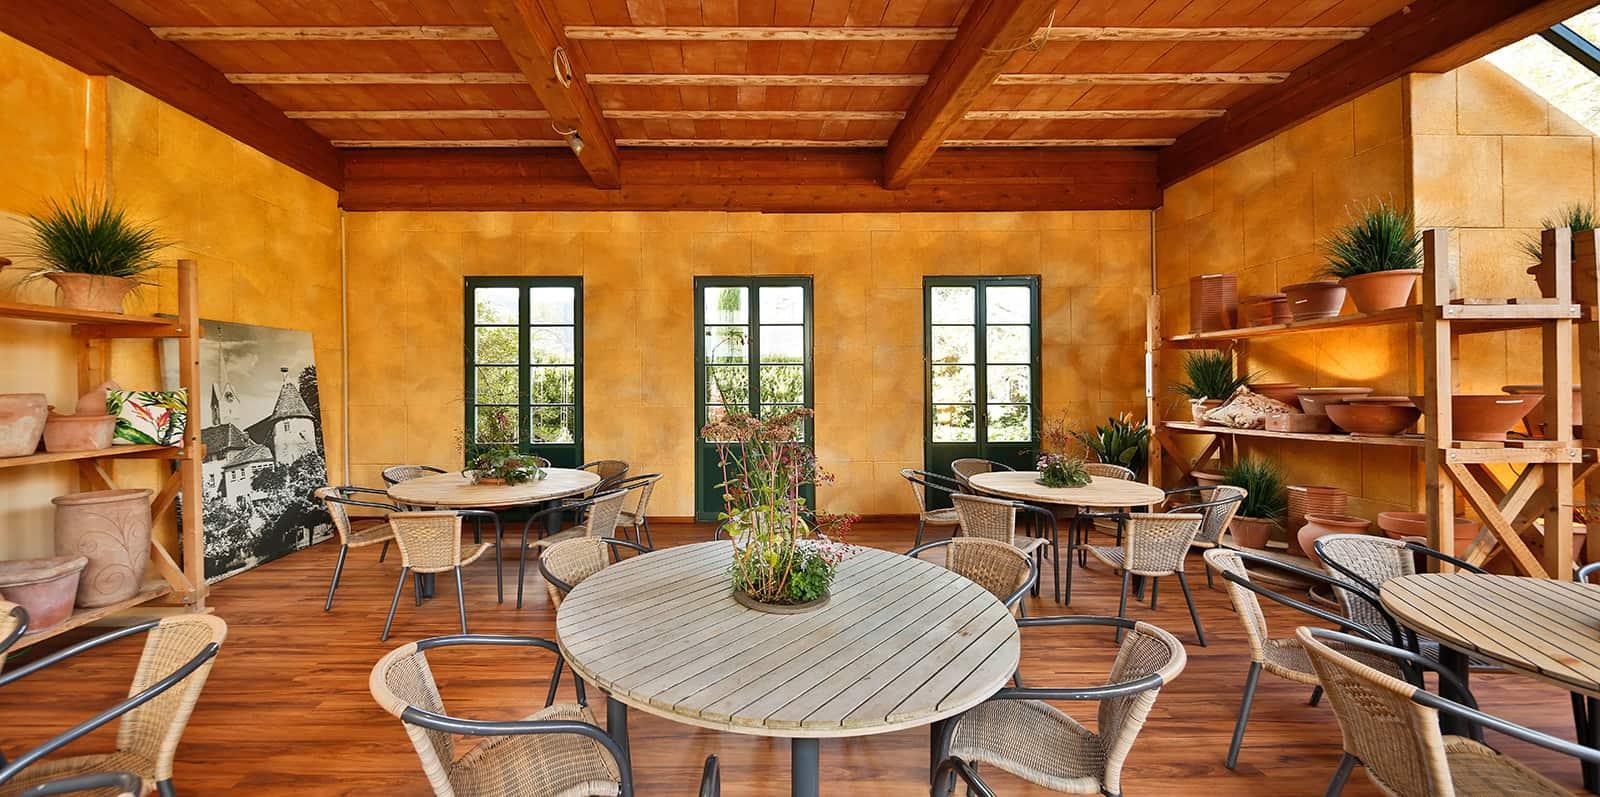 Gärtnerei-Café Siegwarth: Schalldämmung in der Gastronomie